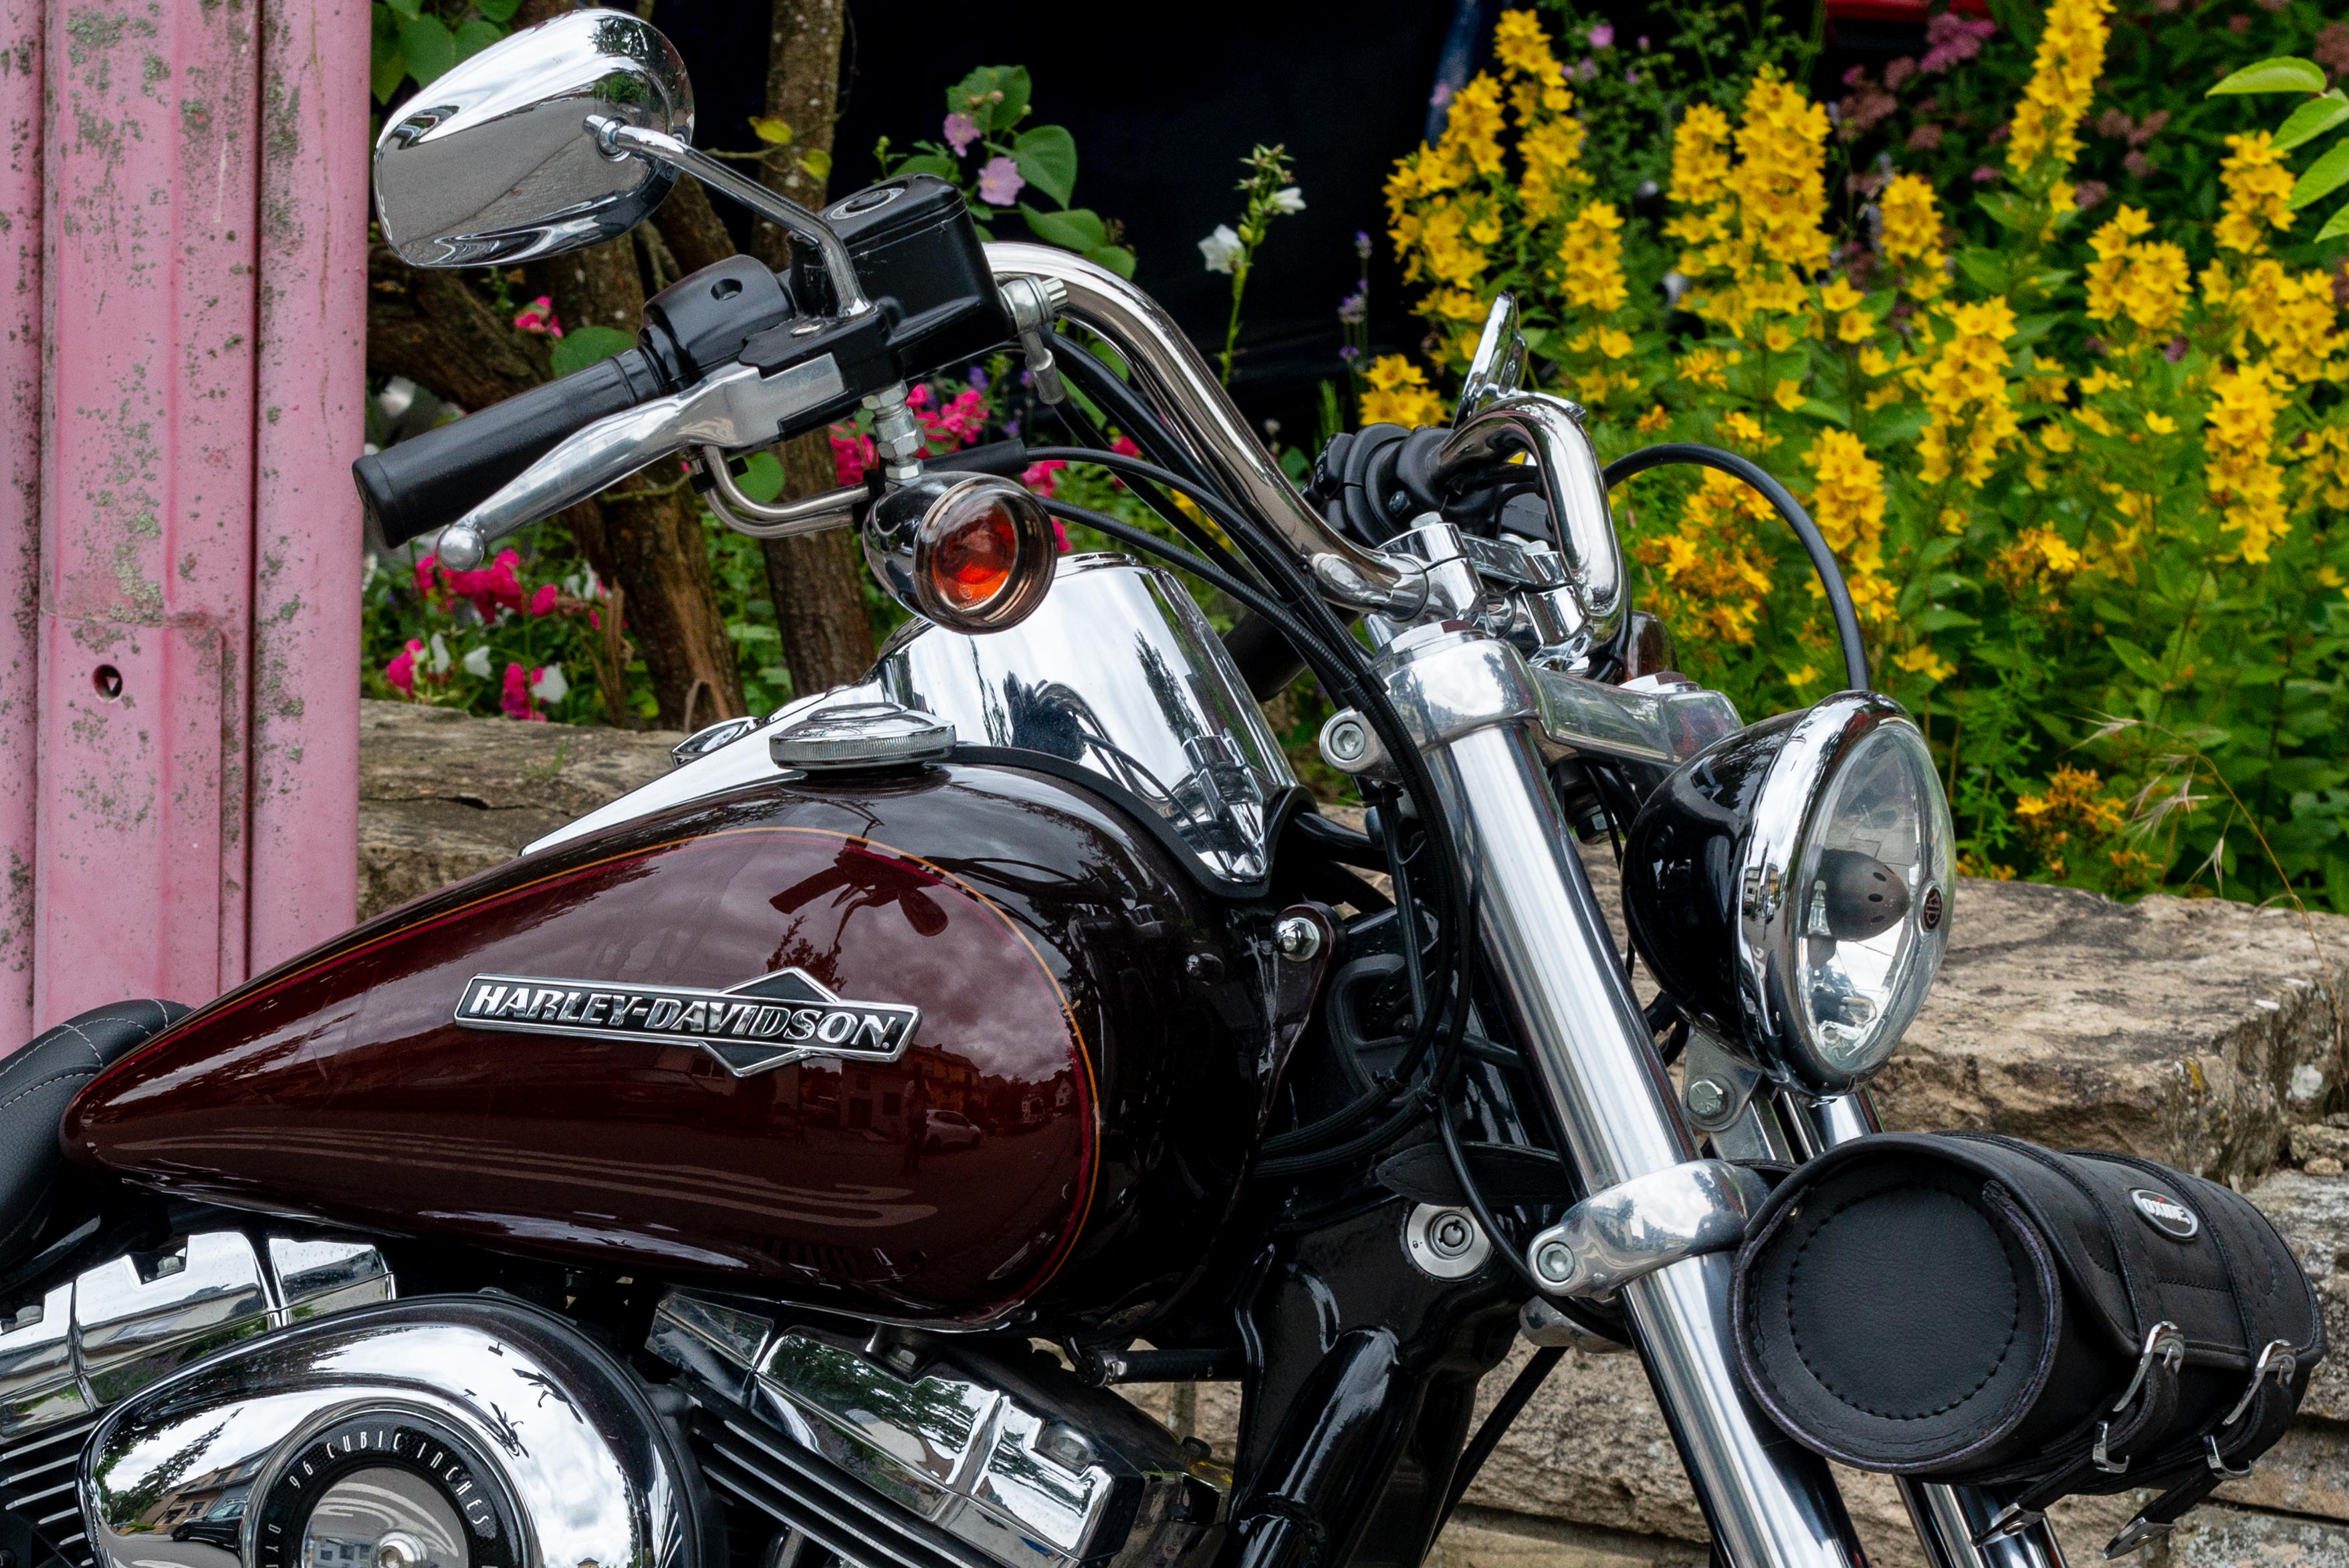 File:Harley-Davidson Dyna Super Glide Custom, Diddeleng-102